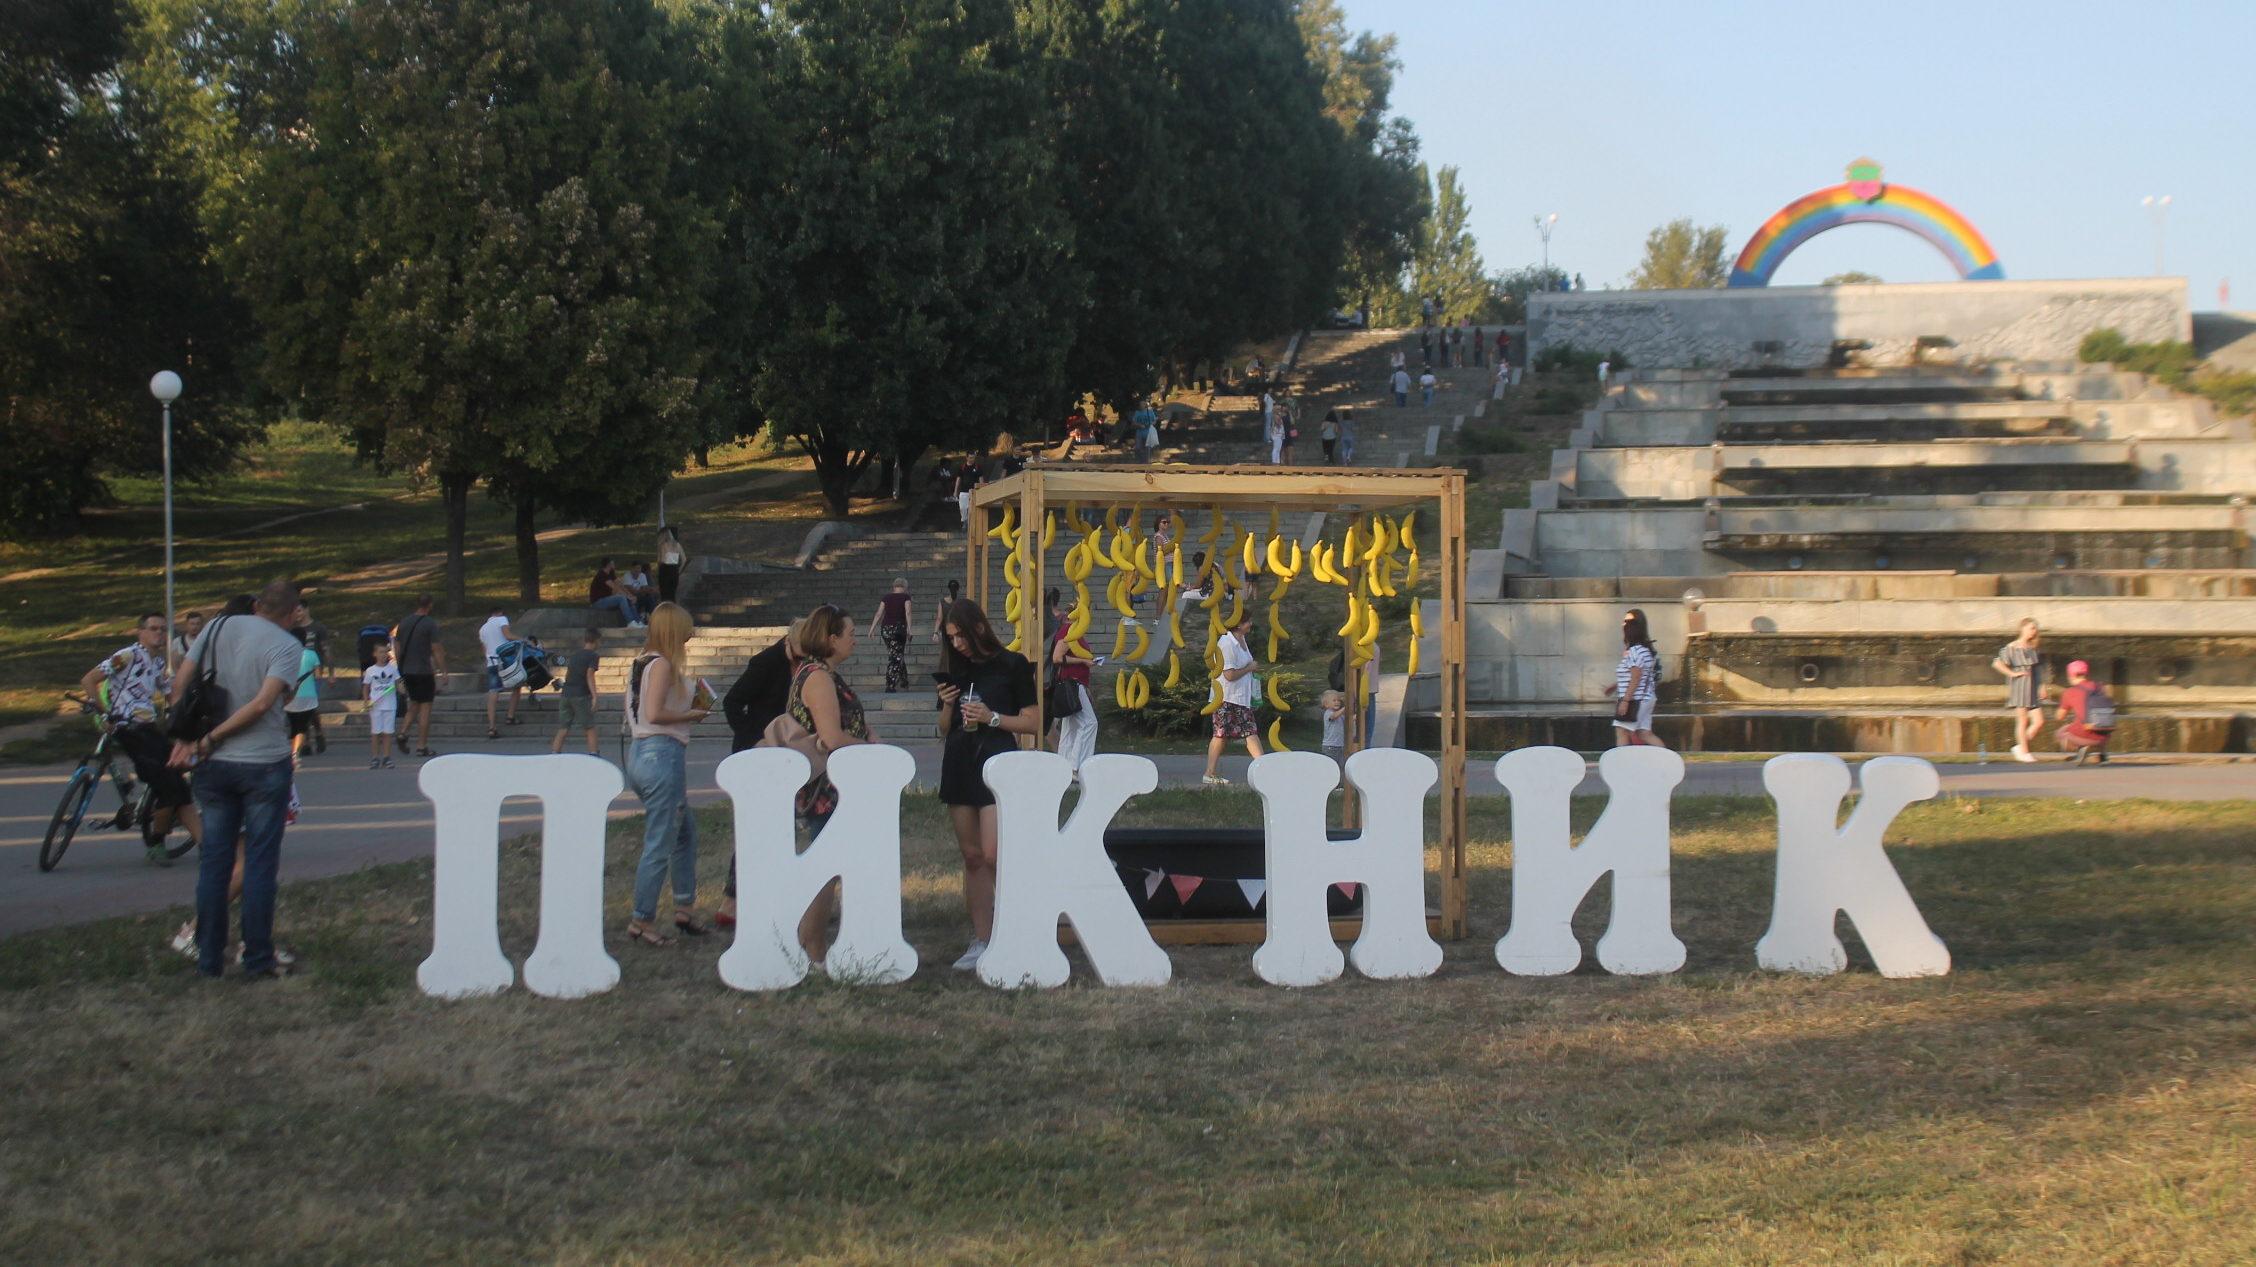 Смачна їжа та сотні людей: як у Запоріжжі проходить фестиваль «Пікнік на Райдузі», – ФОТОРЕПОРТАЖ